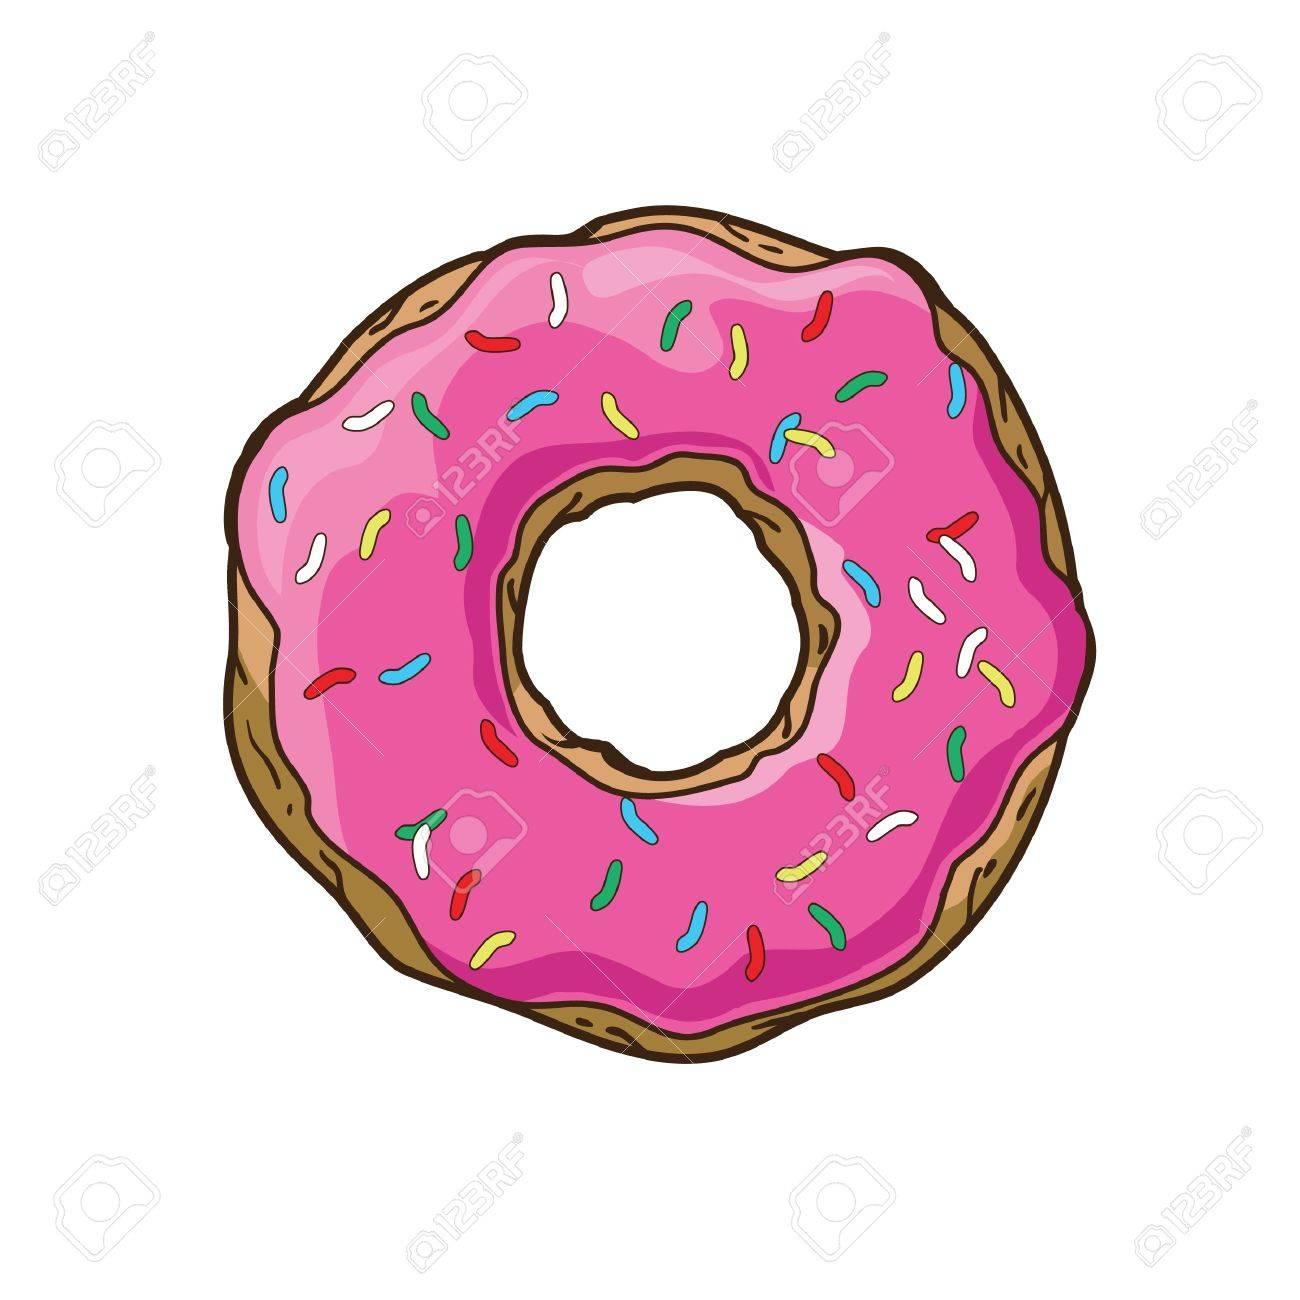 Vector donut - 21523912